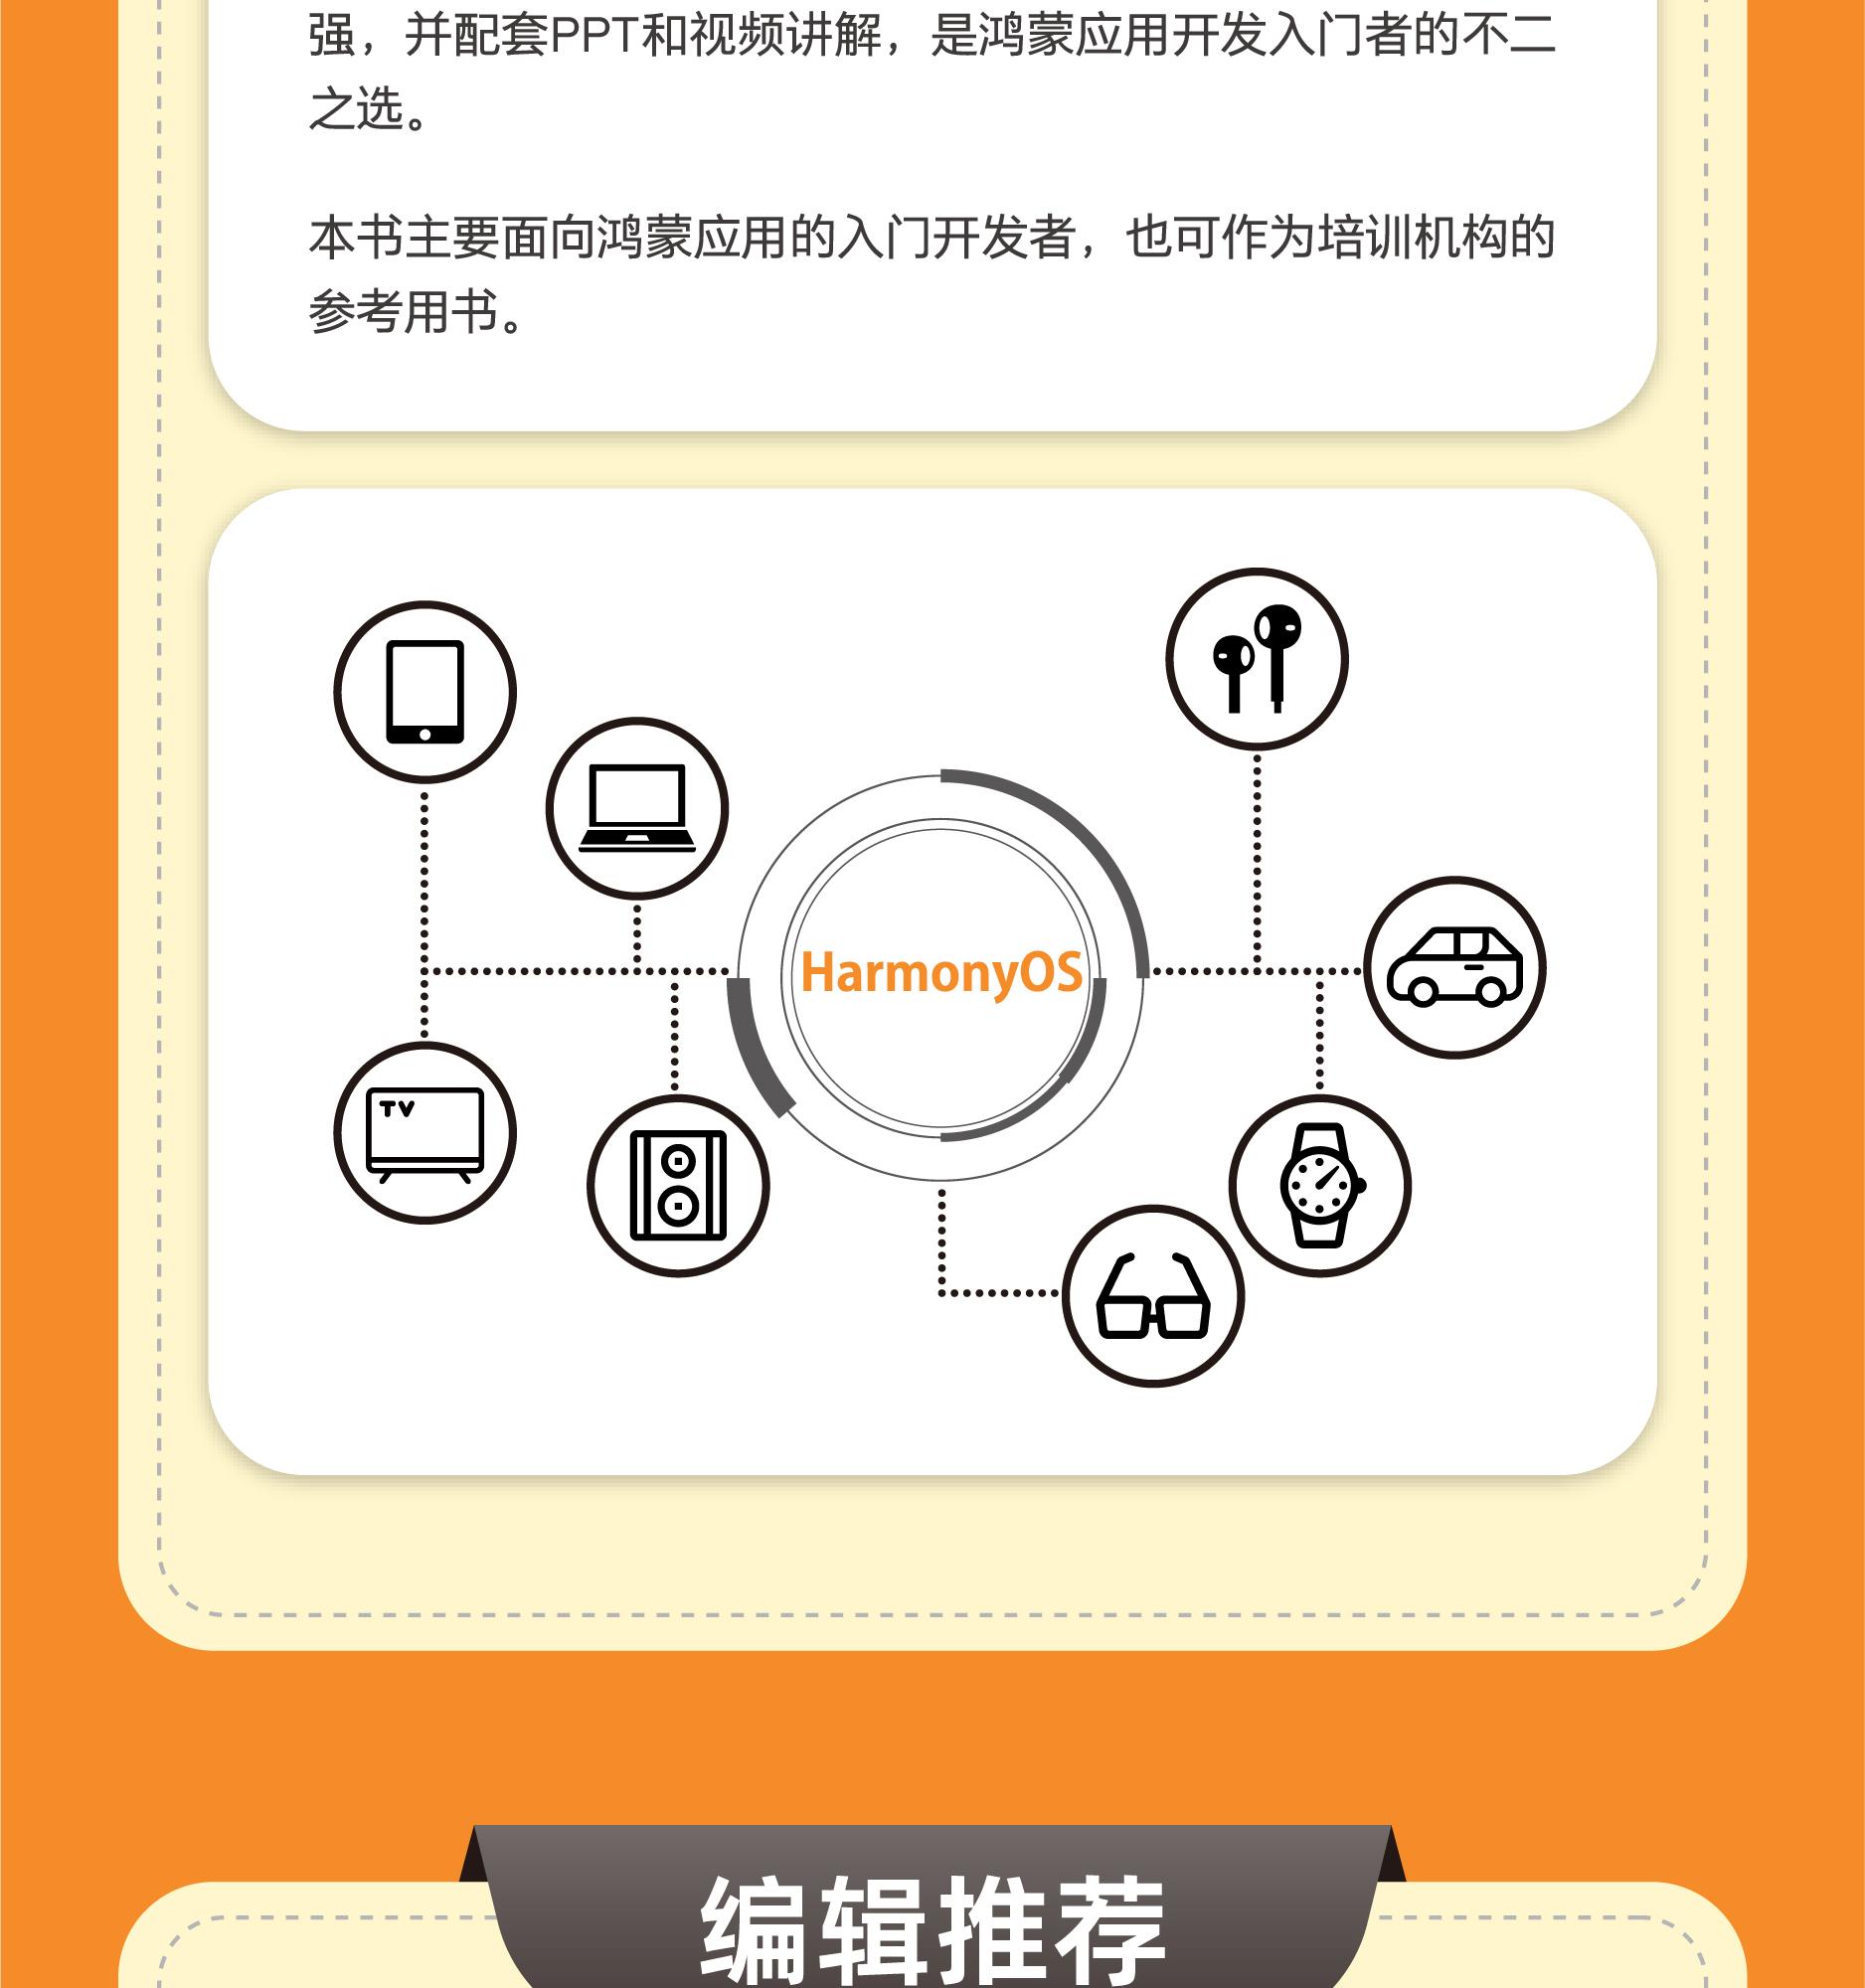 【盖楼送书】中国科学院软件研究所成员力作!《鸿蒙操作系统应用开发实践》正式上市